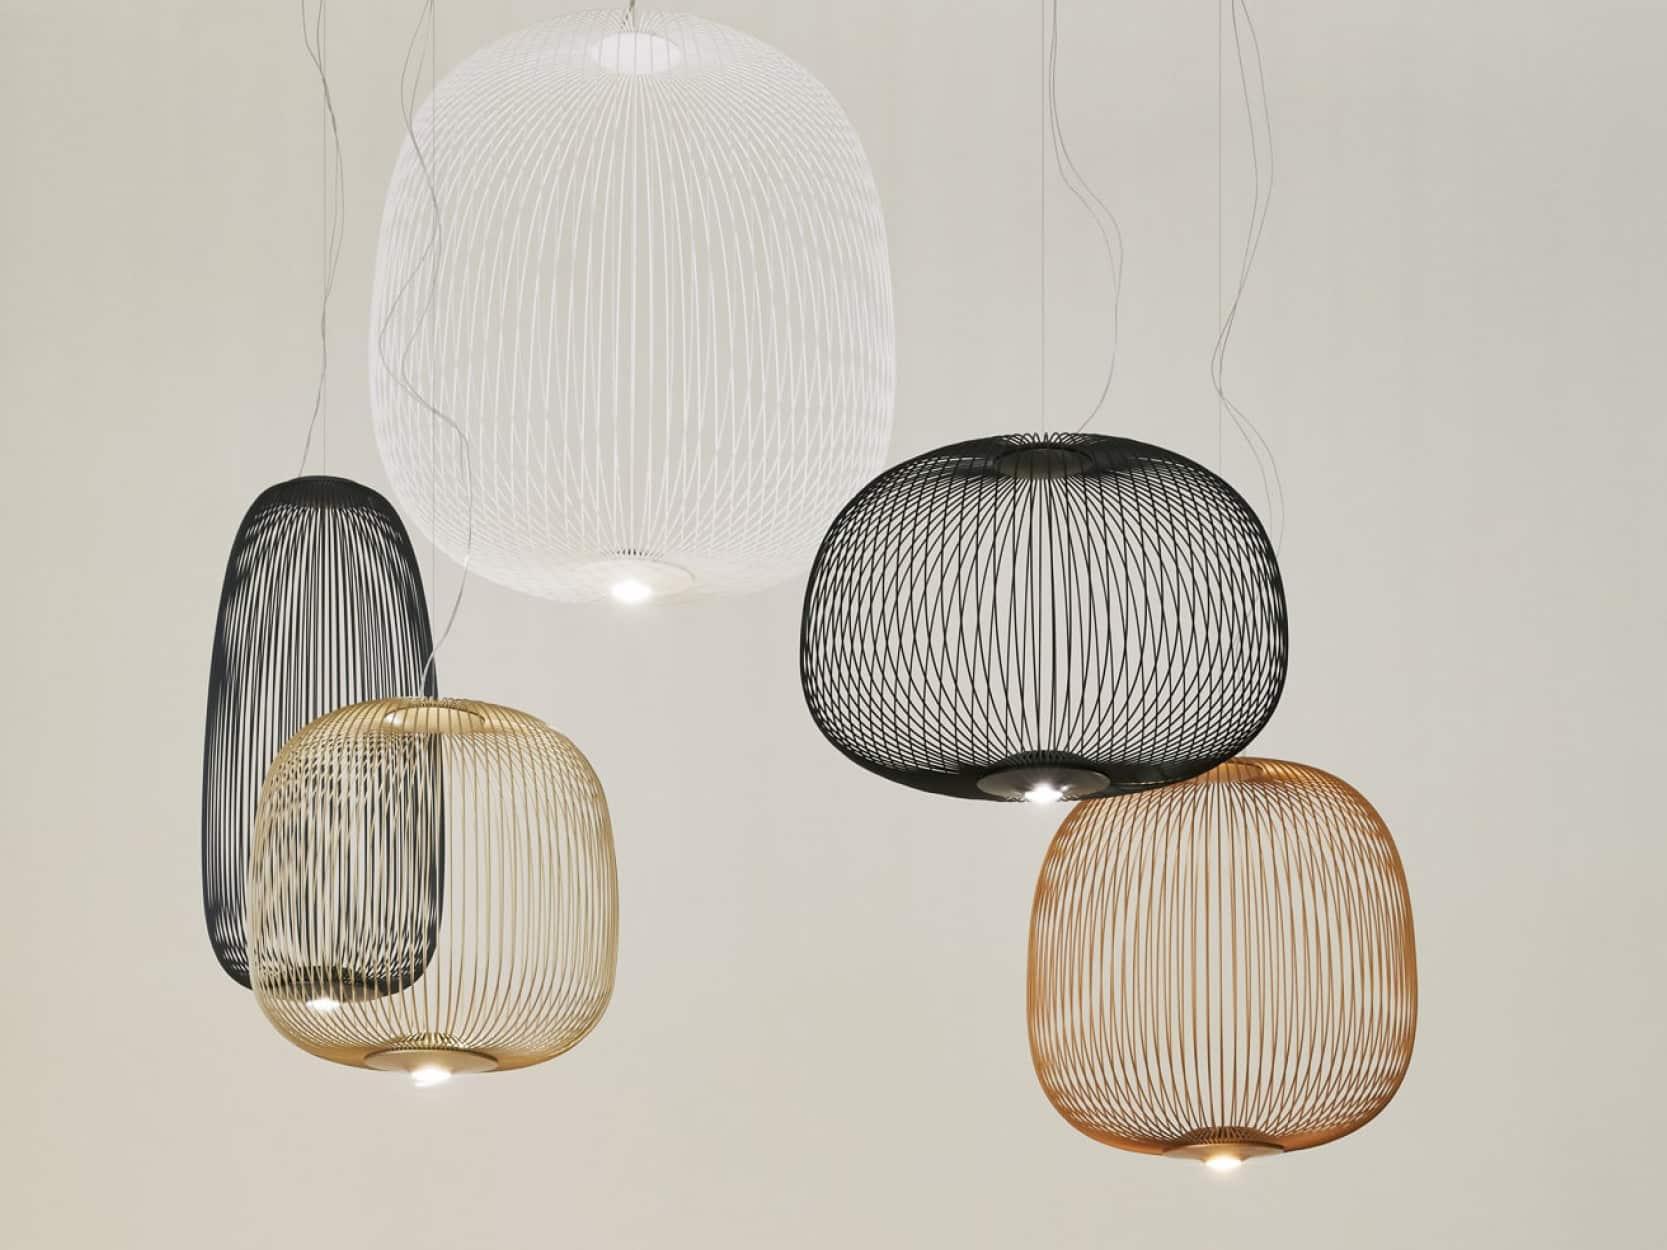 Foscarini hanglamp Spokes3 sfeer licht